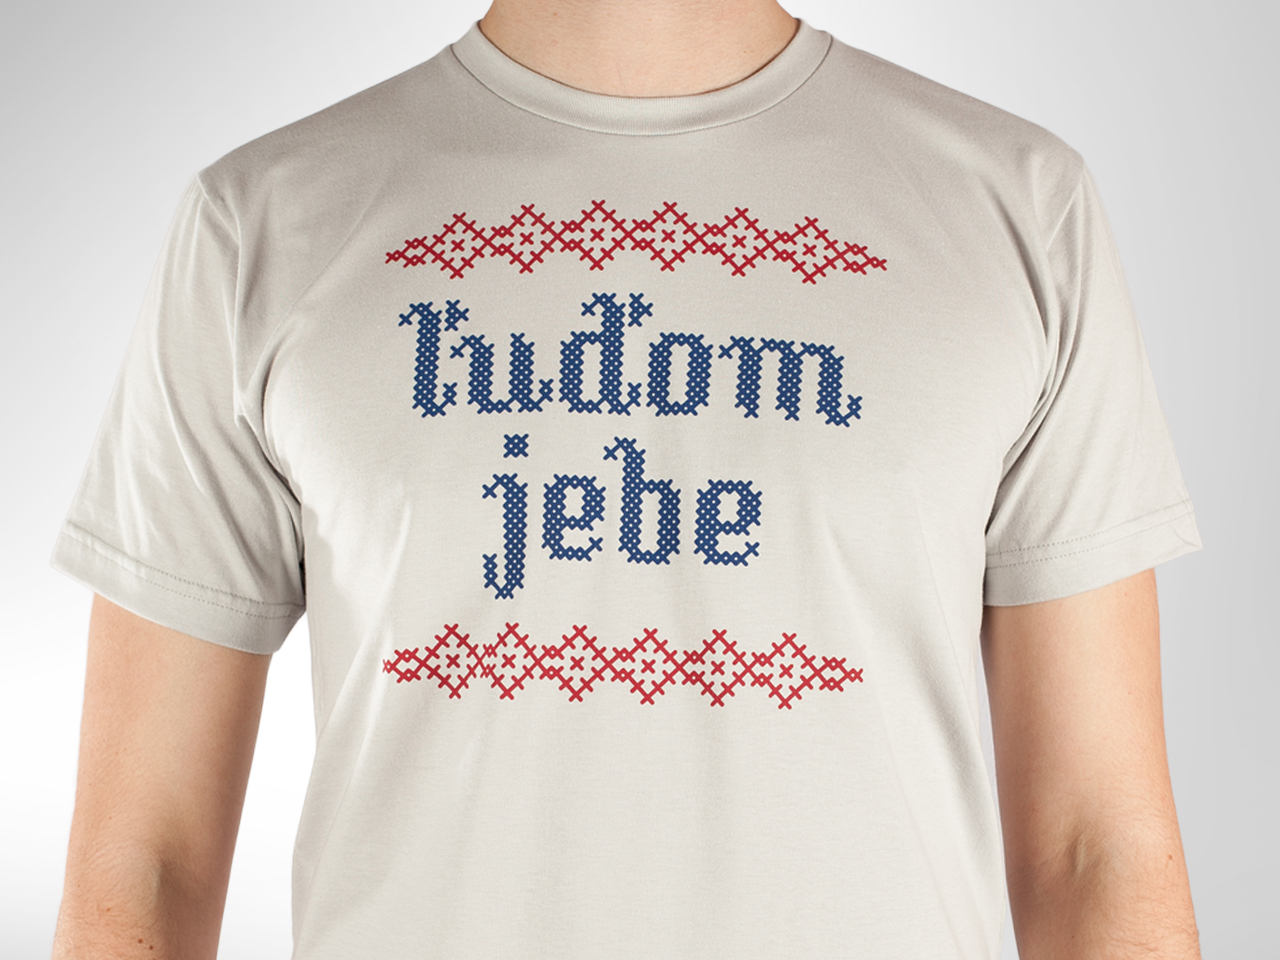 Radikálne pánske tričko Ľuďom jebe New Silver od Kundy Crew — Kompot.sk 42b25c713f2